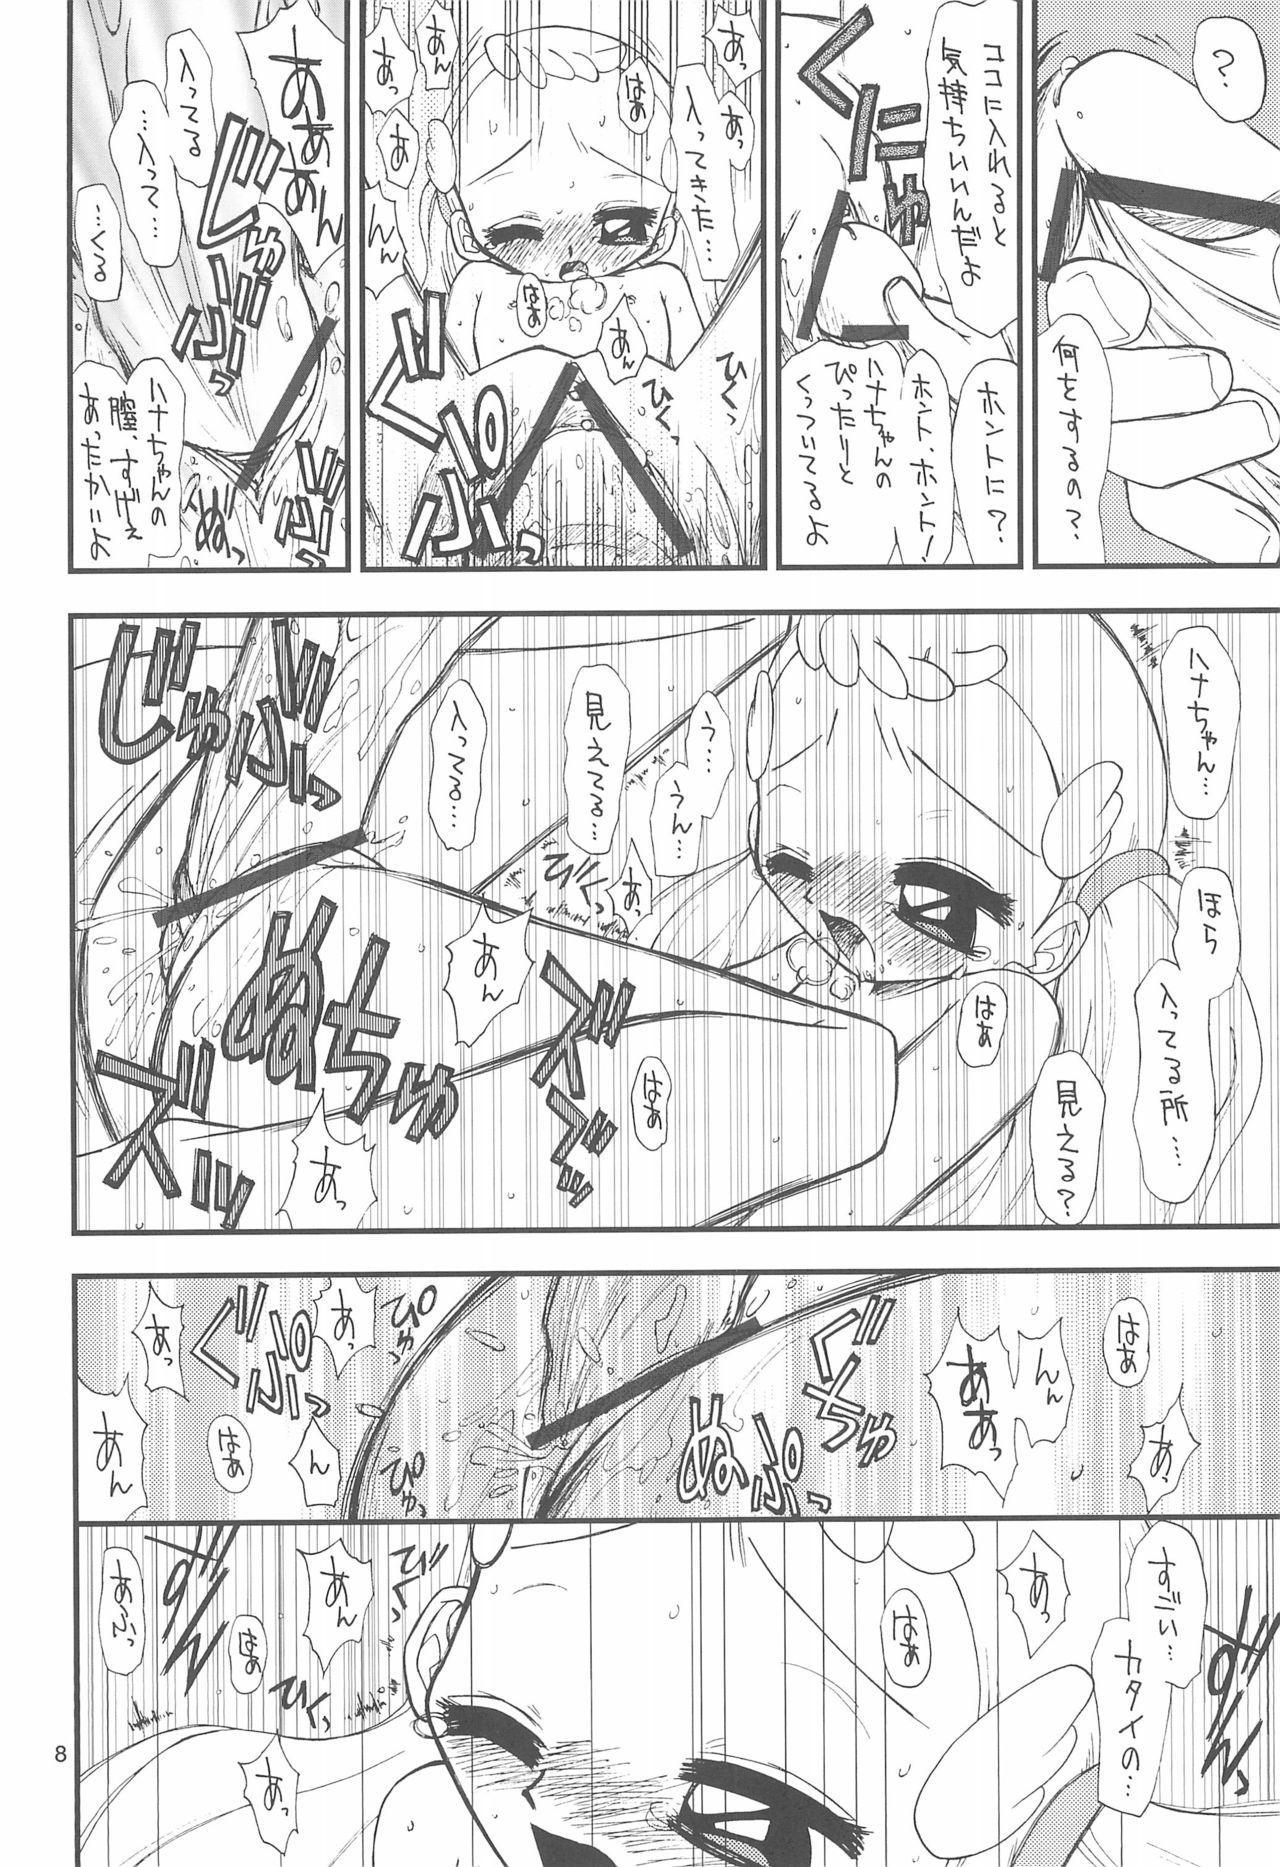 [Tokai Oohashi (Kari) (Ryu-ya)] Onpu-chan/Hana-chan (Ojamajo Doremi) 9